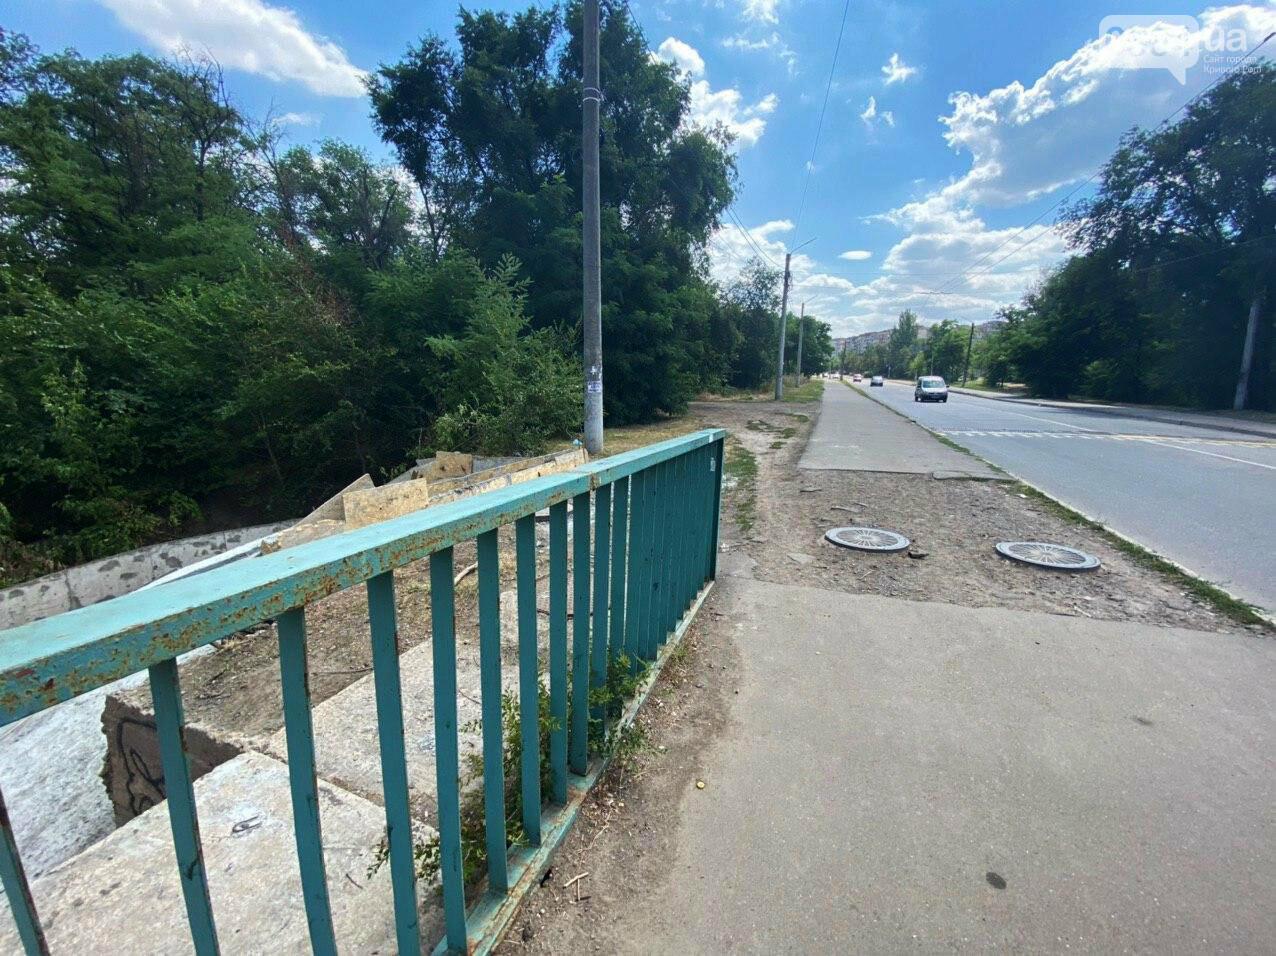 В Кривом Роге опять ремонтируют мост, где 5 лет назад произошло ЧП, - ФОТО , фото-27